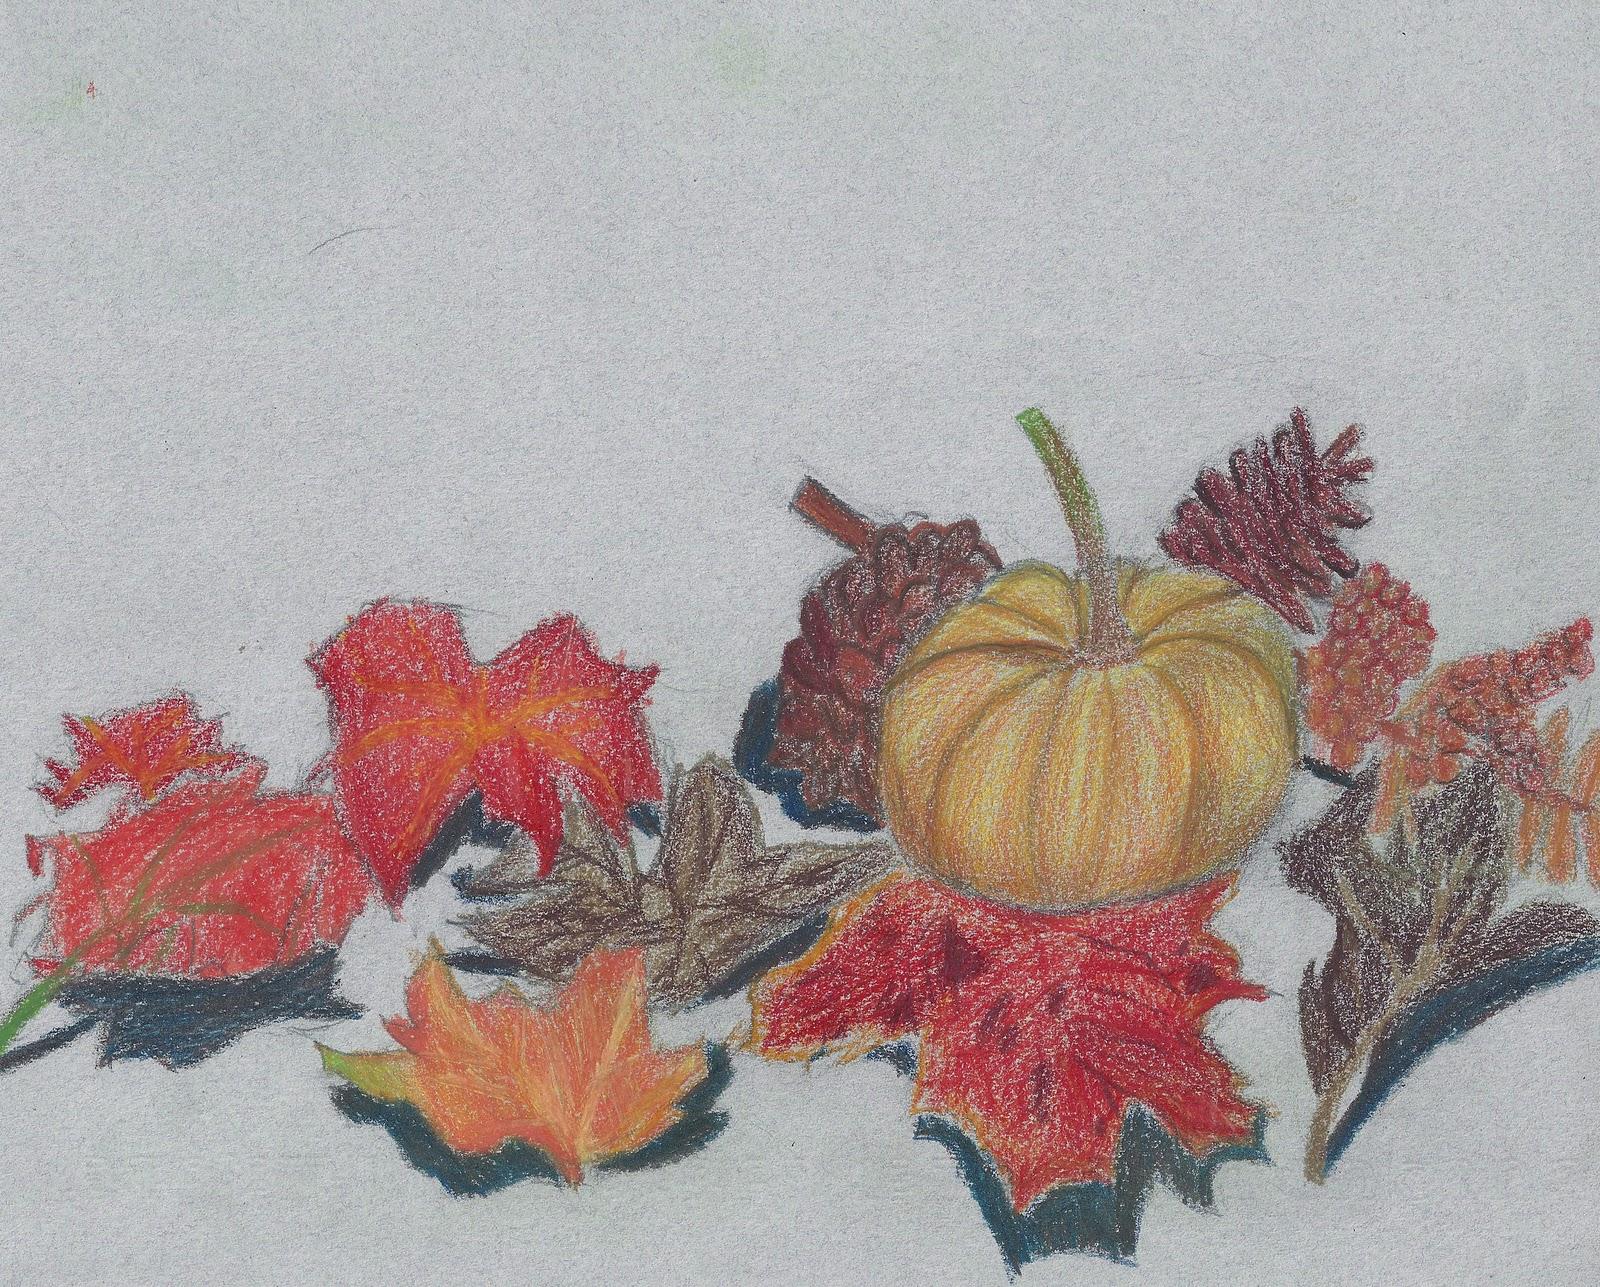 Amy's Art Lessons: Colored Pencil Techniques